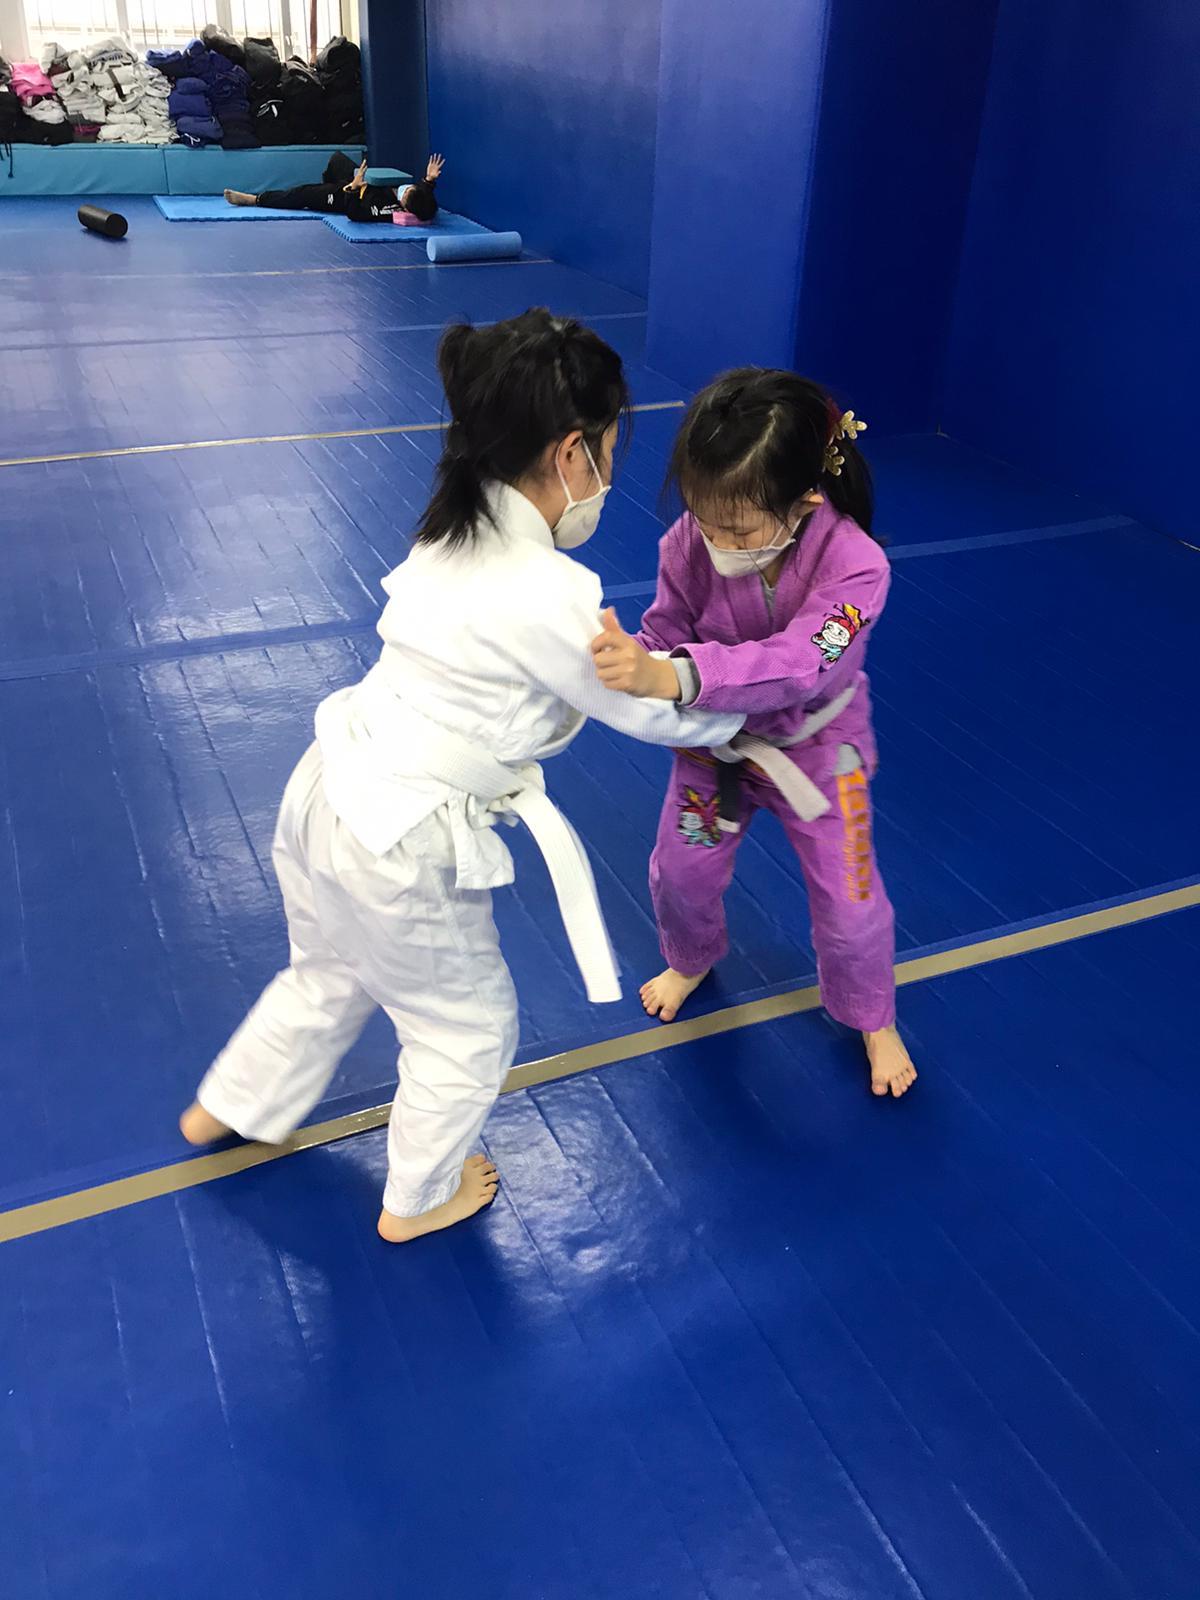 Kowloon Jiu Jitsu Kids Judo